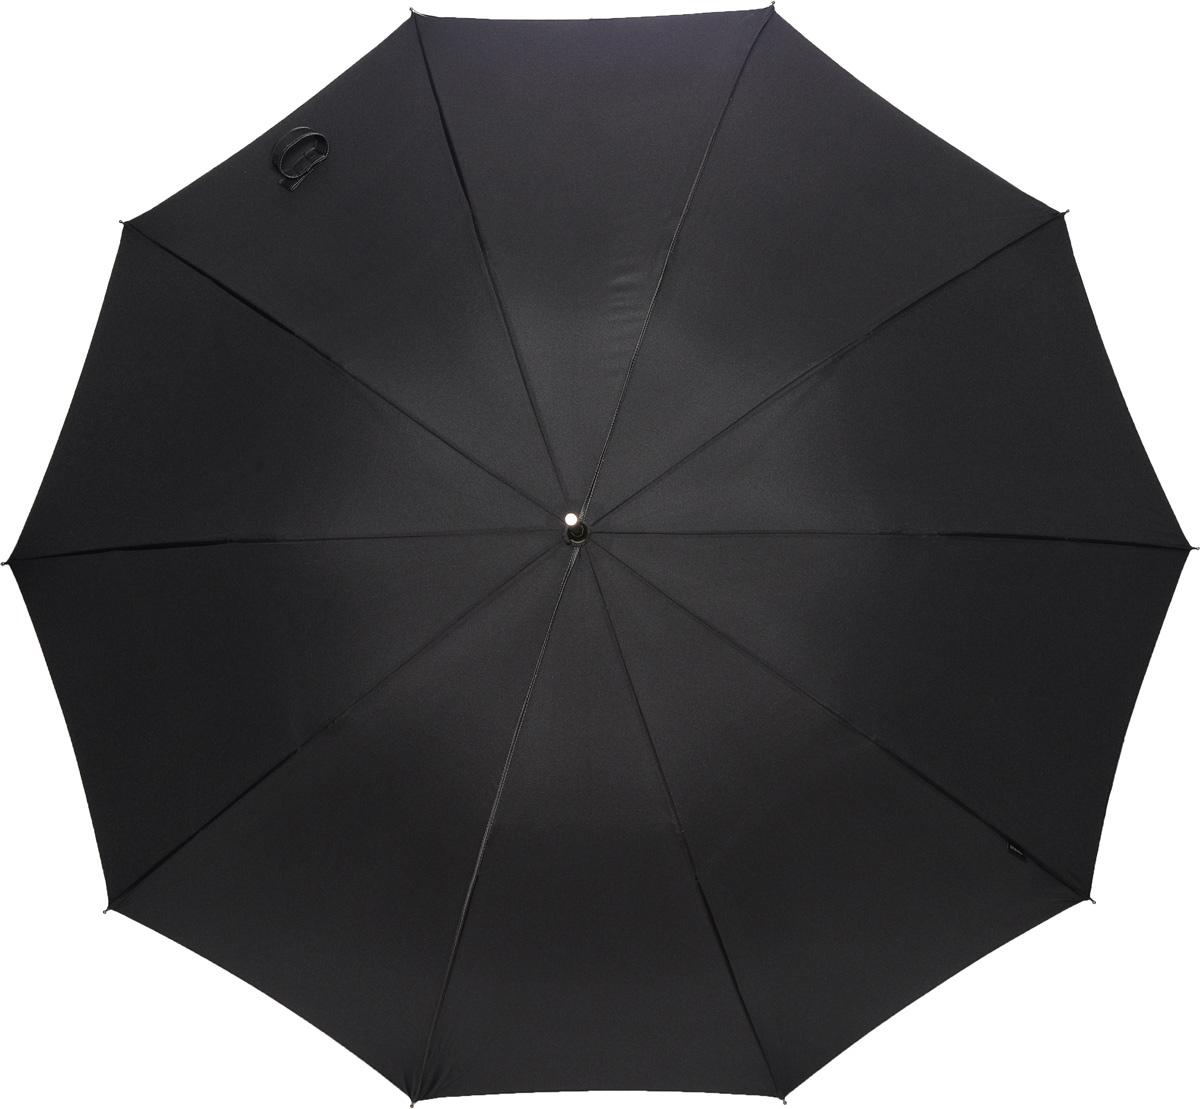 PERTEGAZ 8148 Зонт трость муж.REM12-CAM-GREENBLACKЗонт испанского производителя Clima. В производстве зонтов используются современные материалы, что делает зонты легкими, но в то же время крепкими.Трость автомат, 10 спиц по 68, полиэстер.